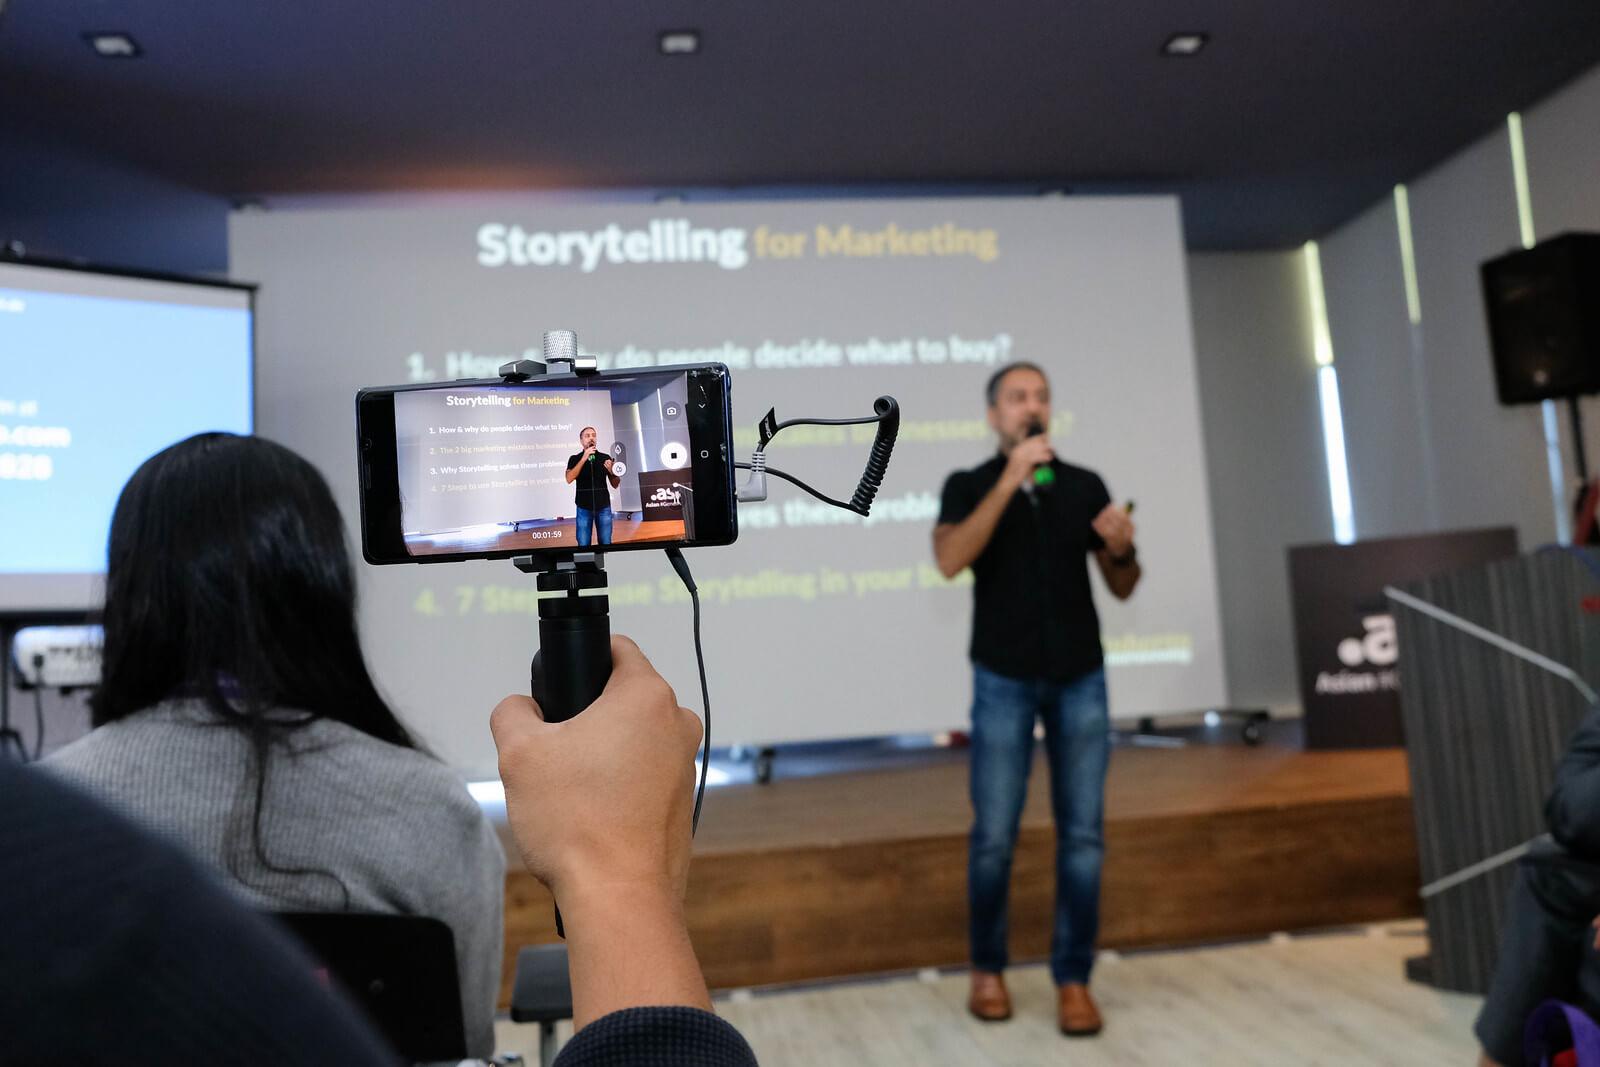 EIMS 2019 Storytelling for marketing